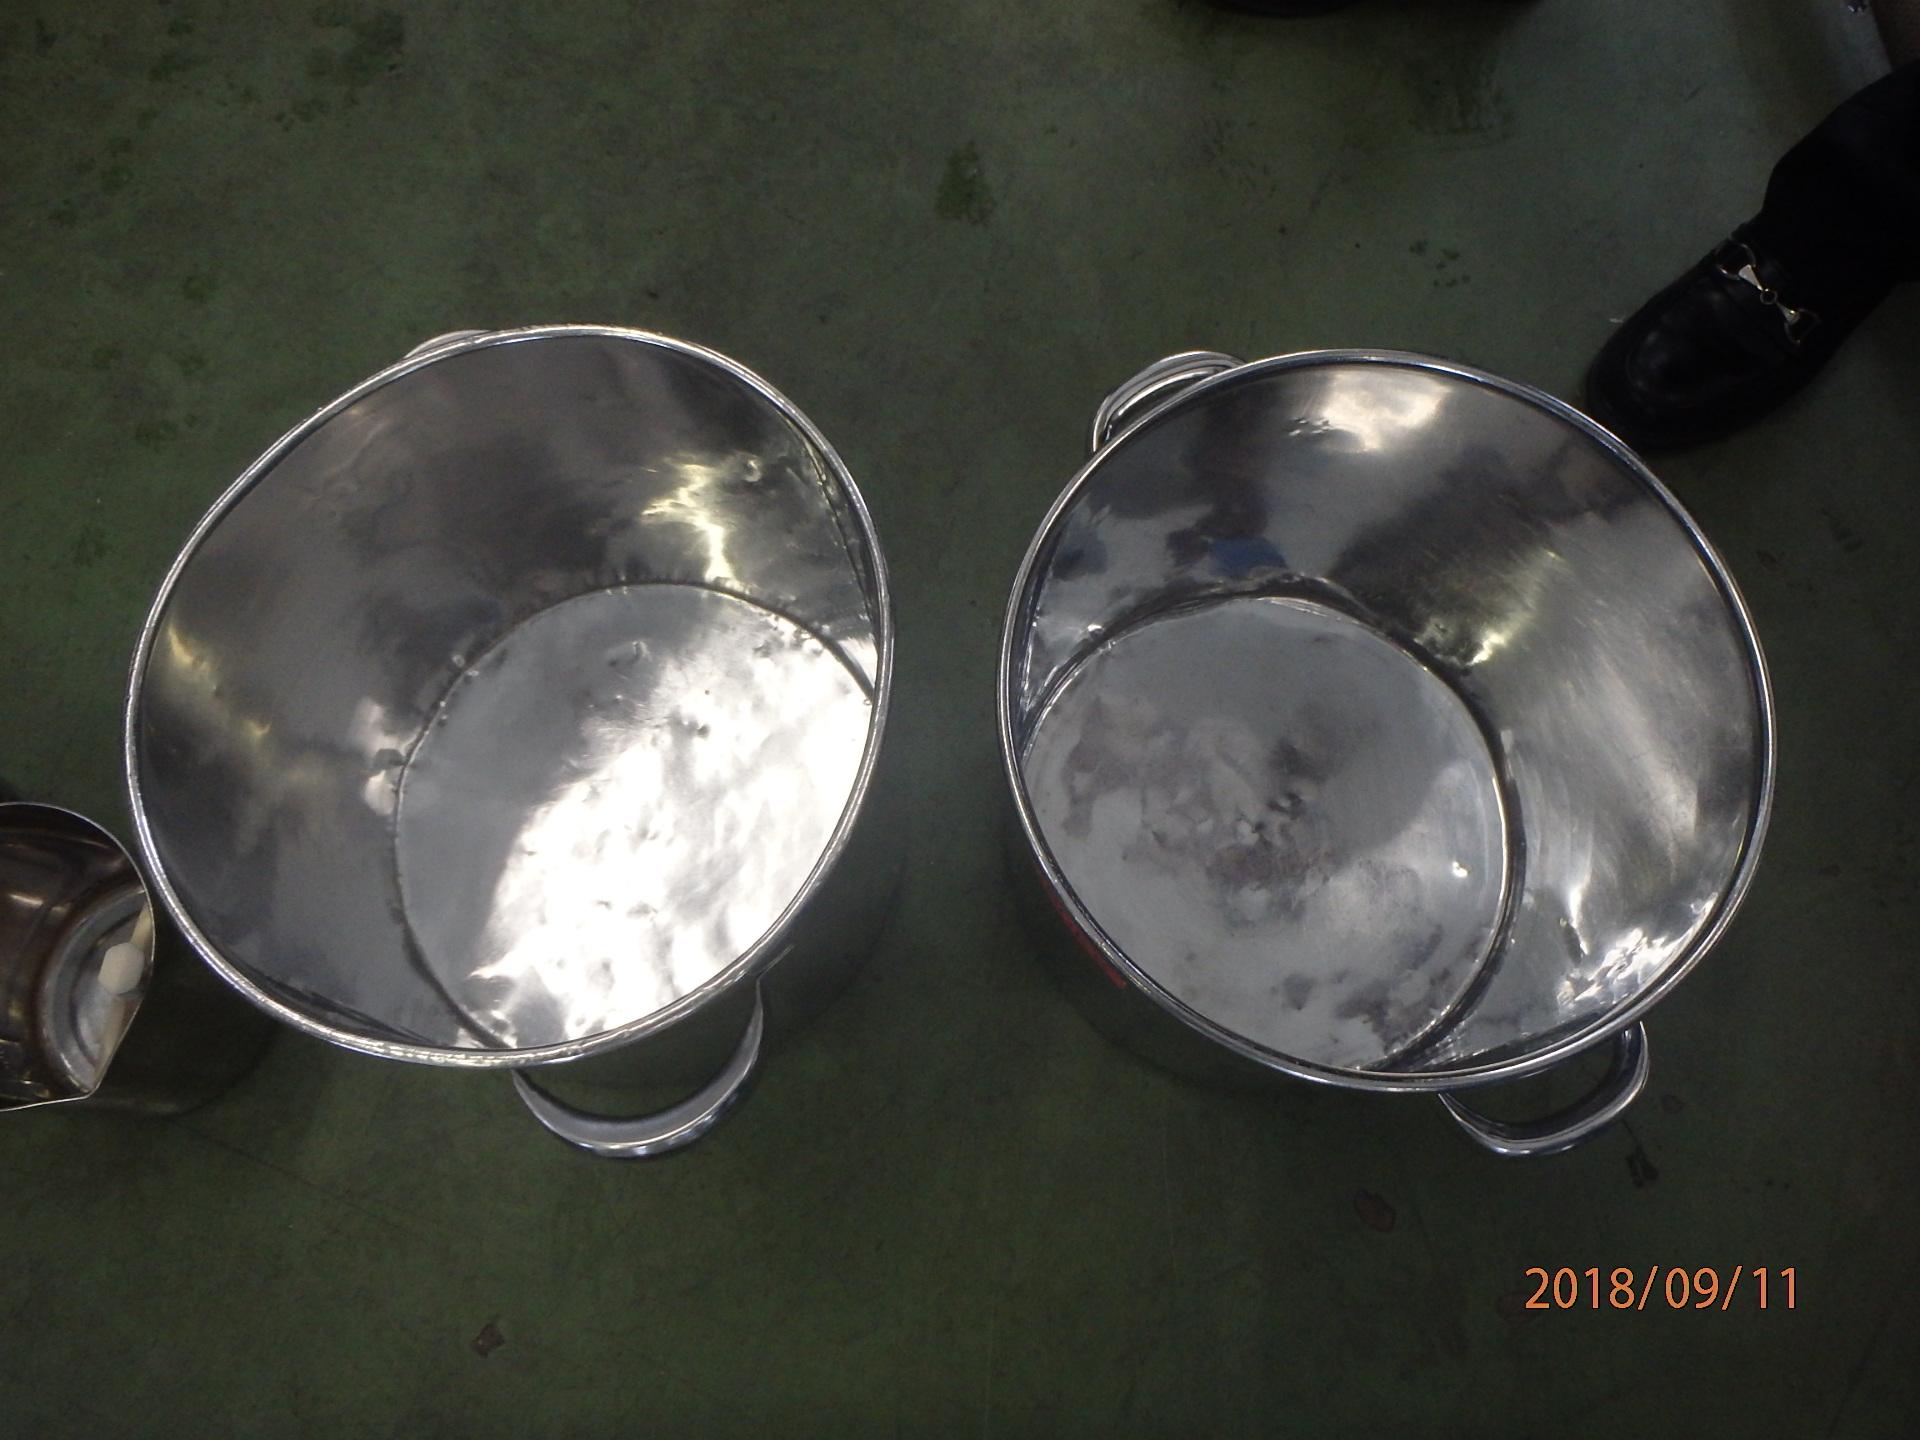 化粧品原料用容器 洗浄テスト実績 002-photo